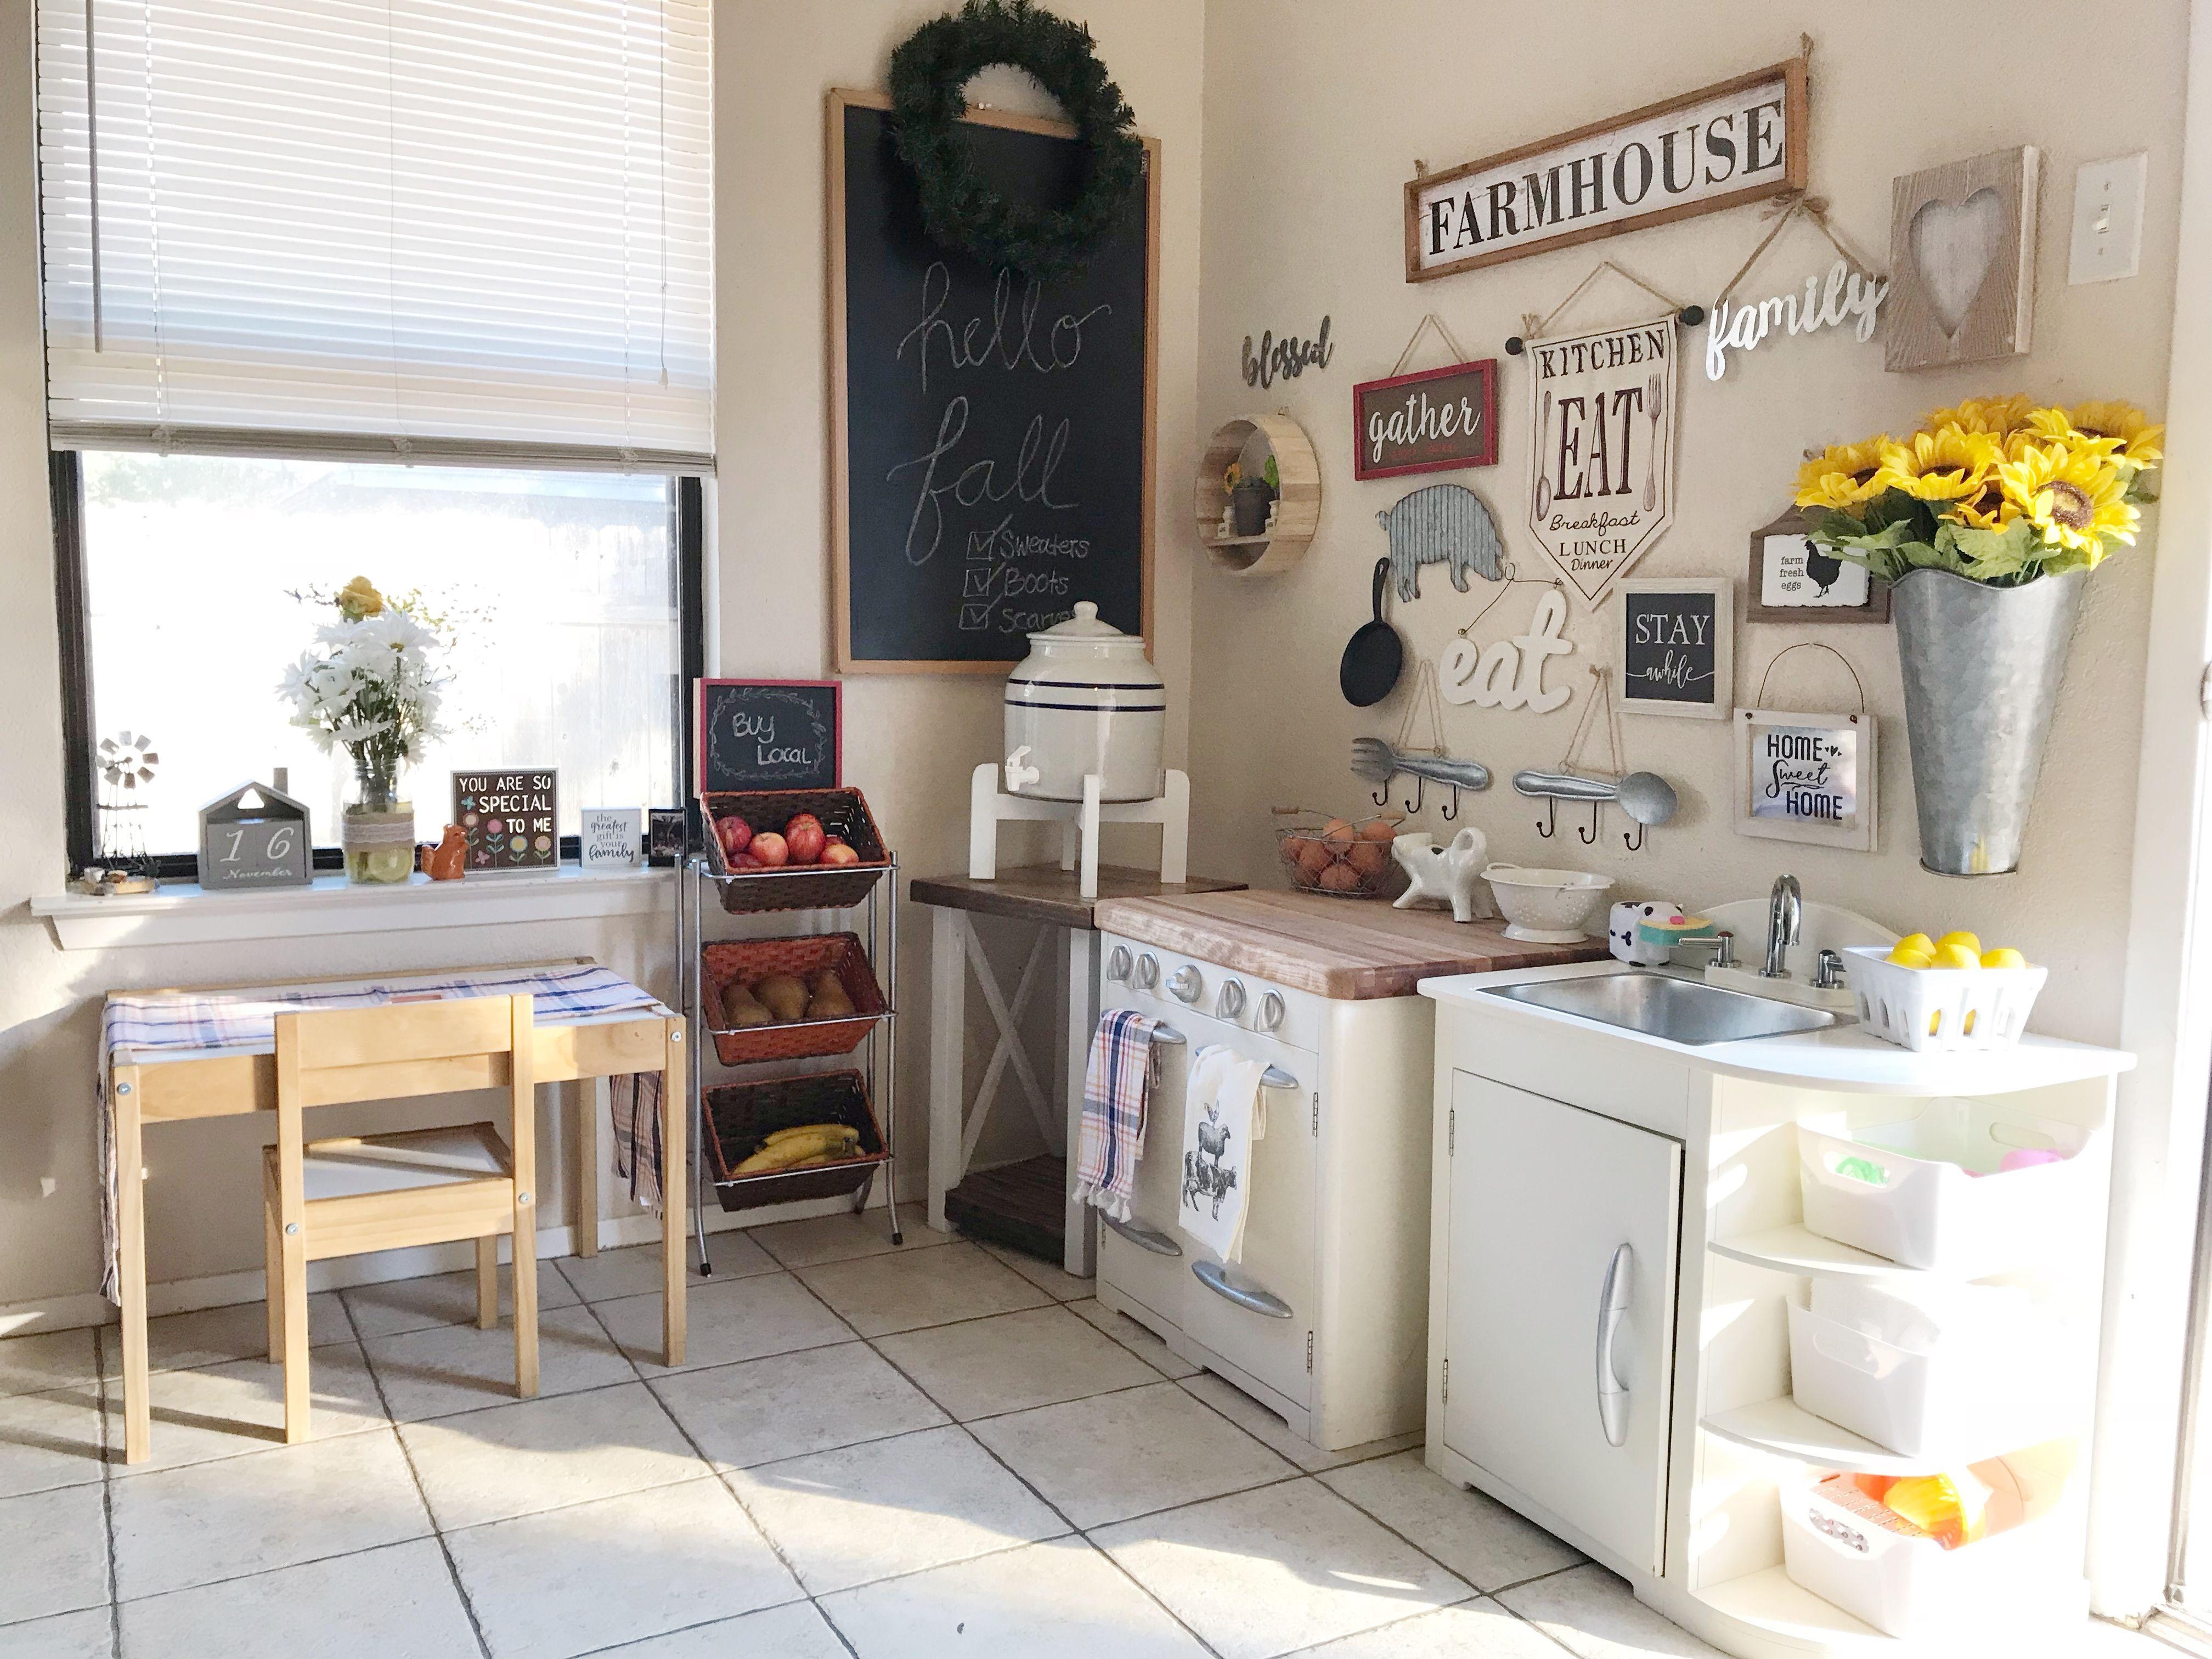 Montessori Kitchen Space Kitchen Montessori Montessori Home Kids Farmhouse Fa Pottery Barn Kids Play Kitchen Pottery Barn Kid Kitchen Pottery Barn Kitchen